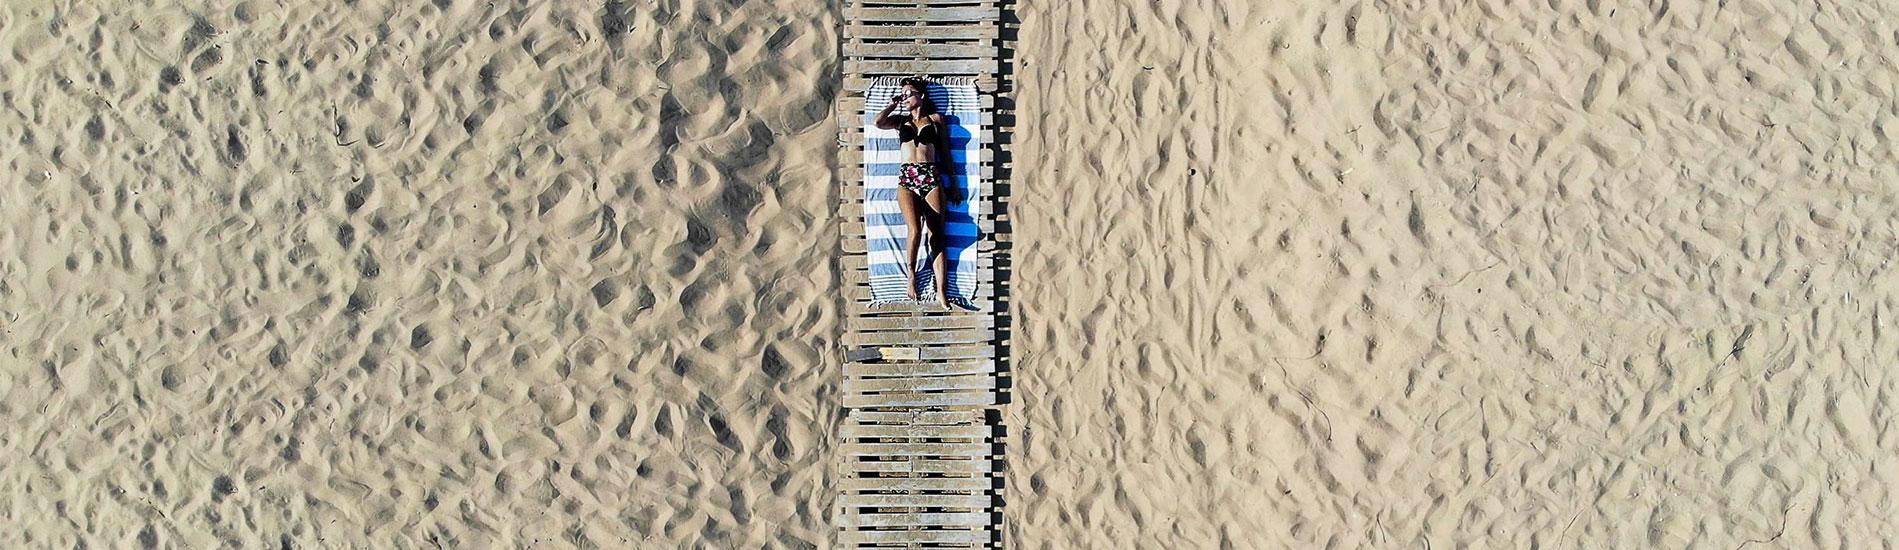 Γιατί θεραπεύει η άμμος;